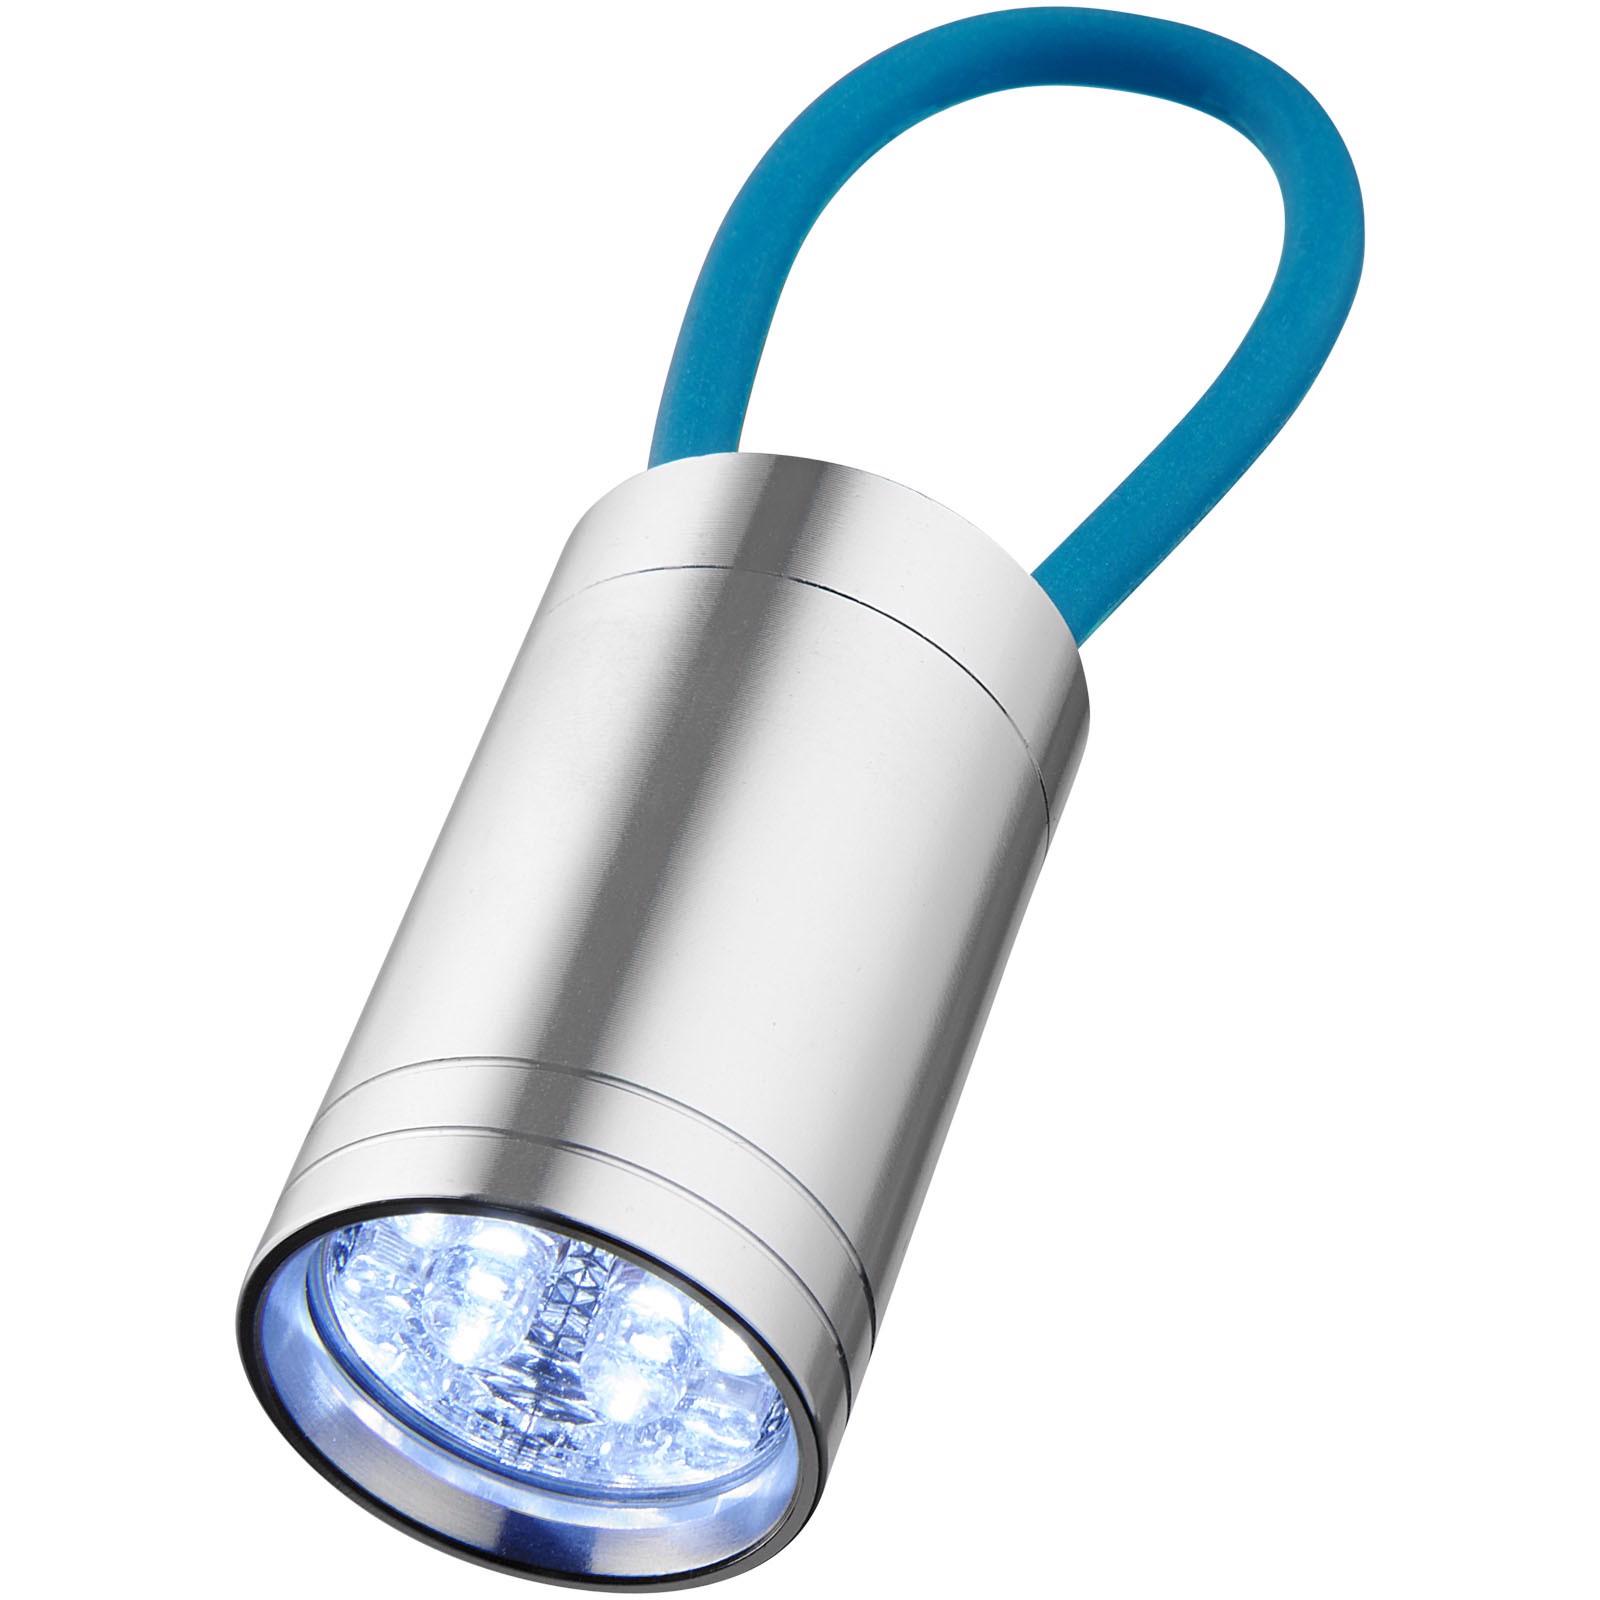 Svítilna Vela se 6 LED a svítícím popruhem - Process Blue